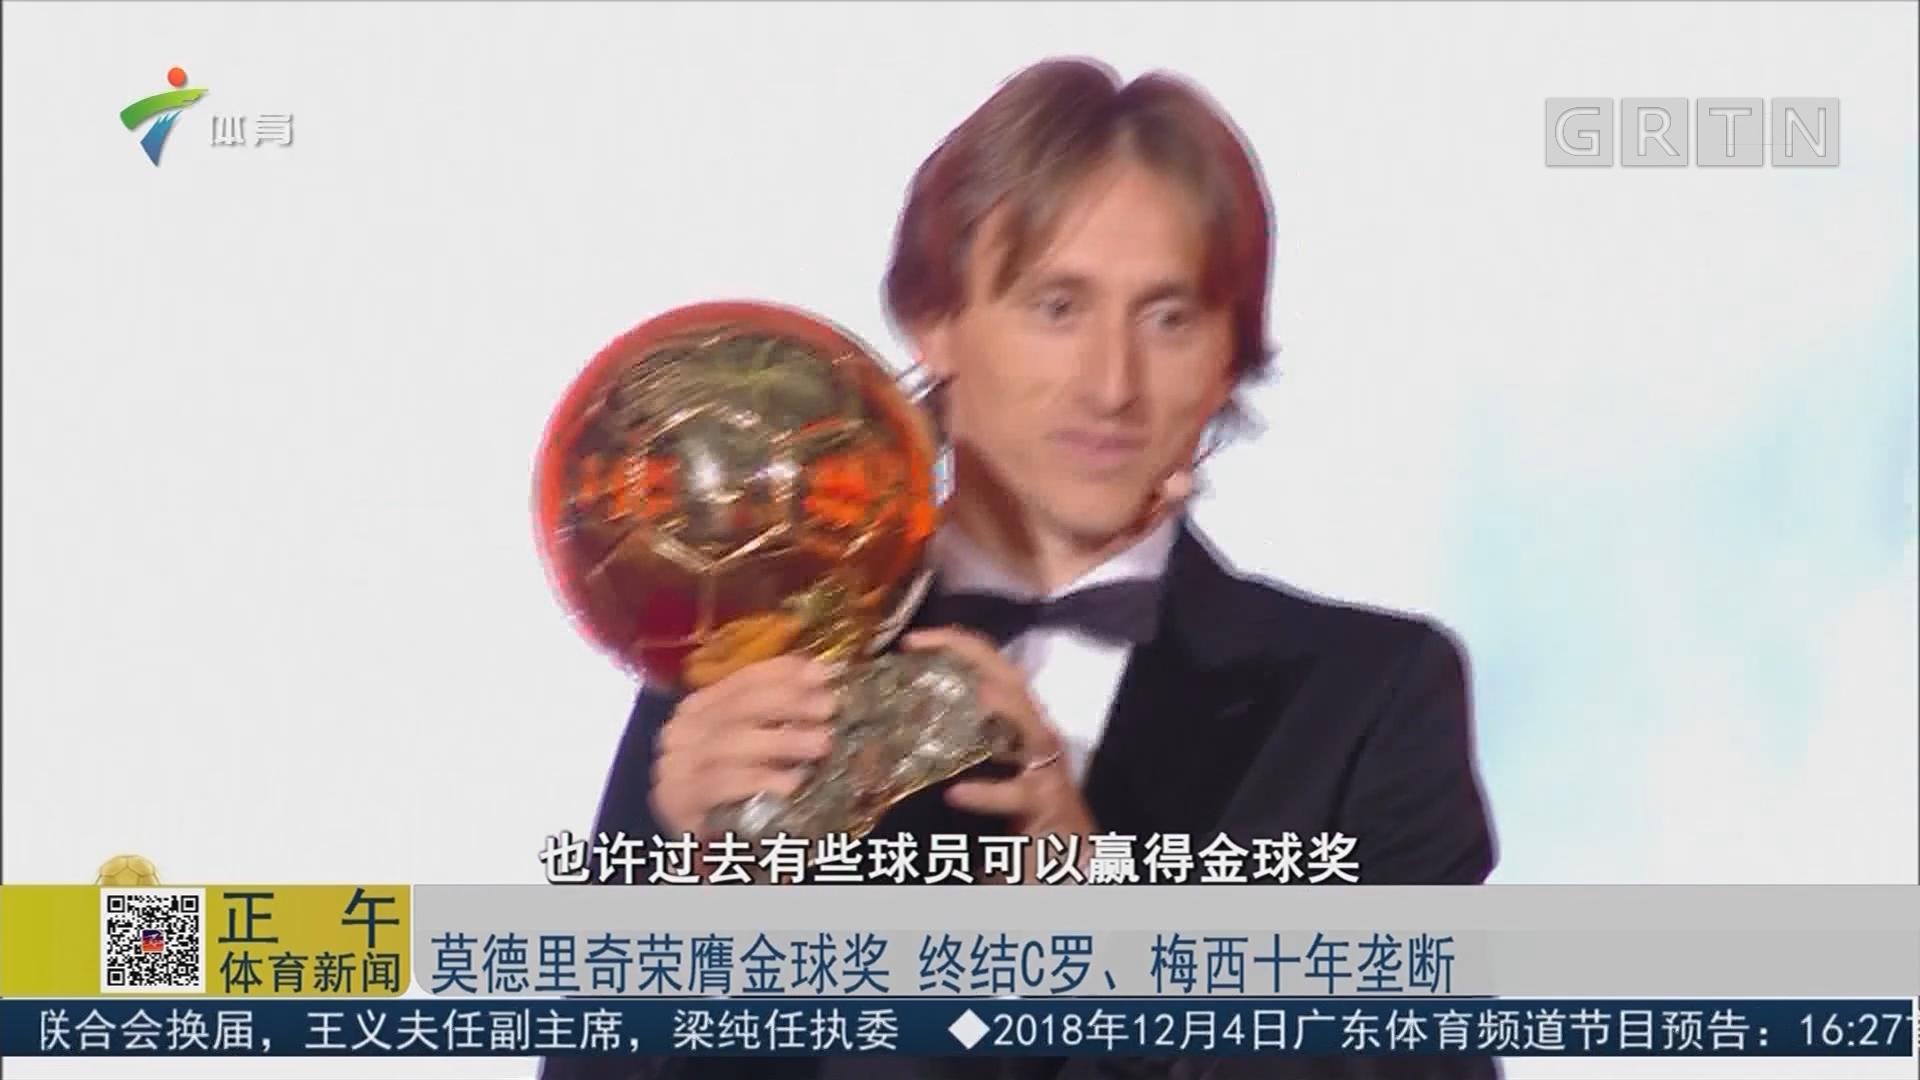 莫德里奇荣膺金球奖 终结C罗、梅西十年垄断